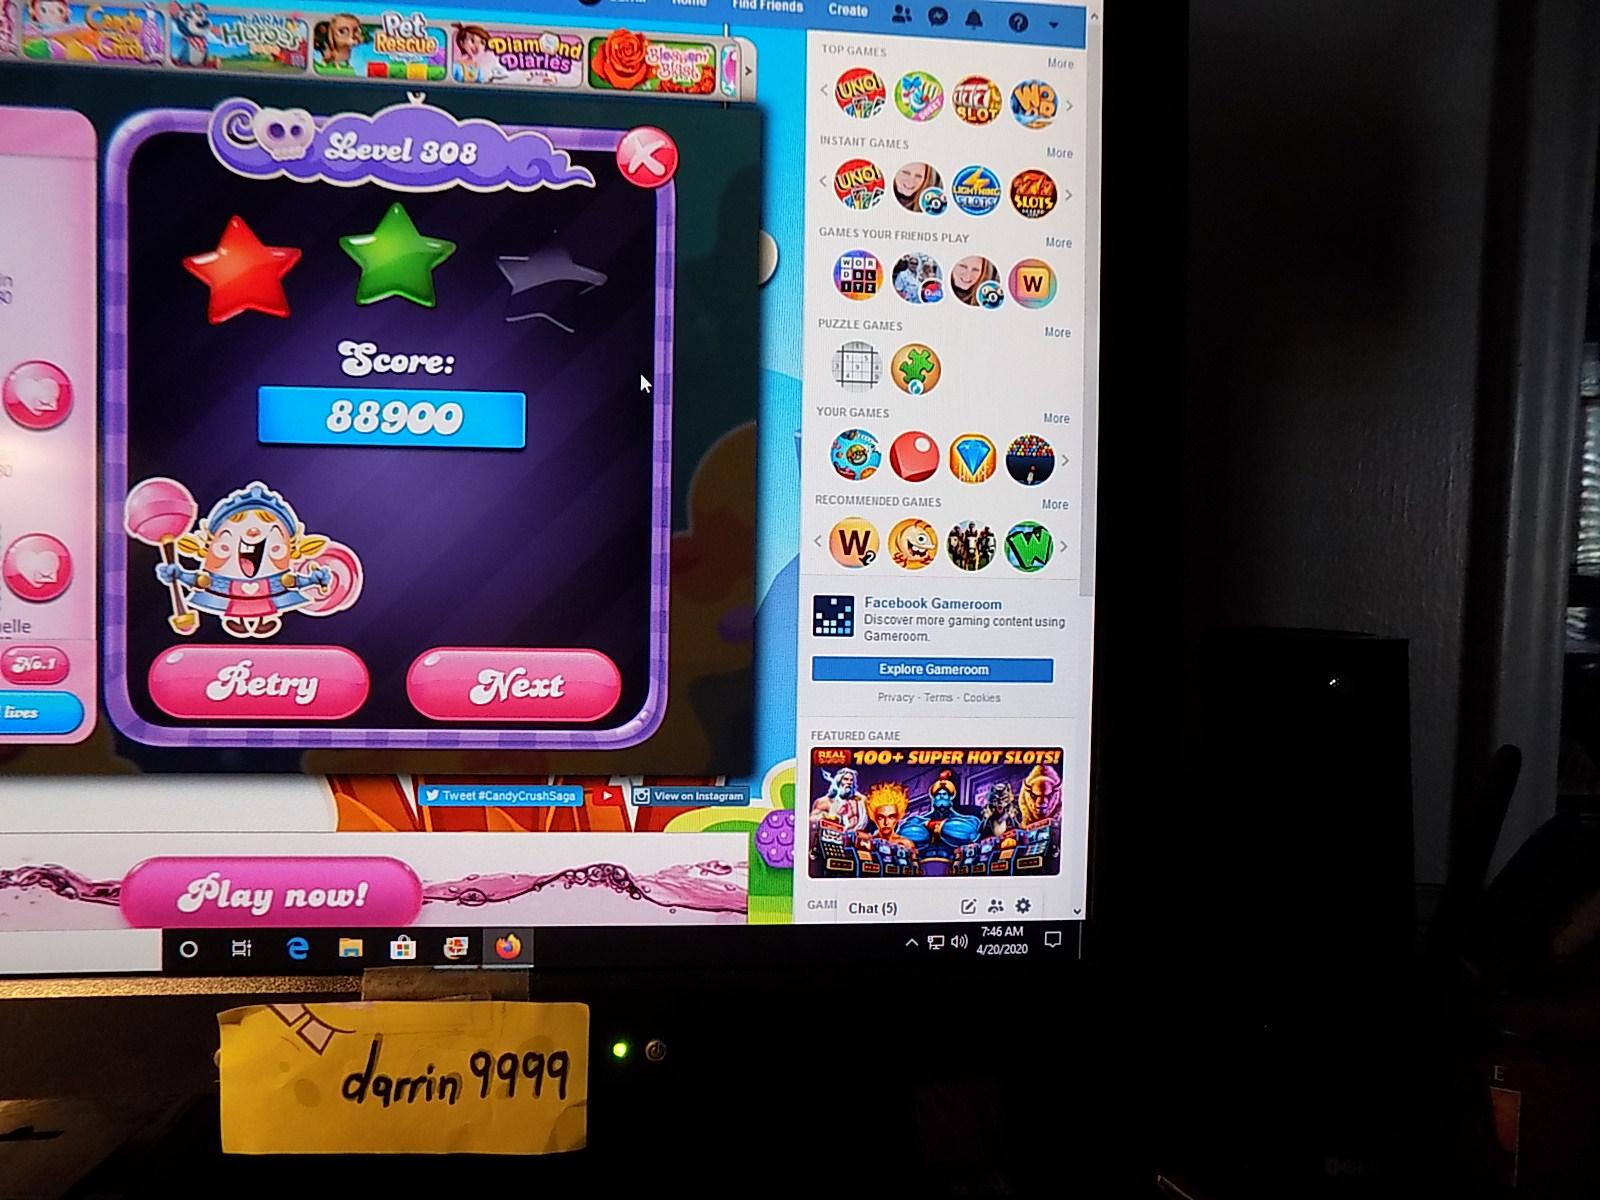 darrin9999: Candy Crush Saga: Level 308 (Web) 88,900 points on 2020-06-23 15:12:00